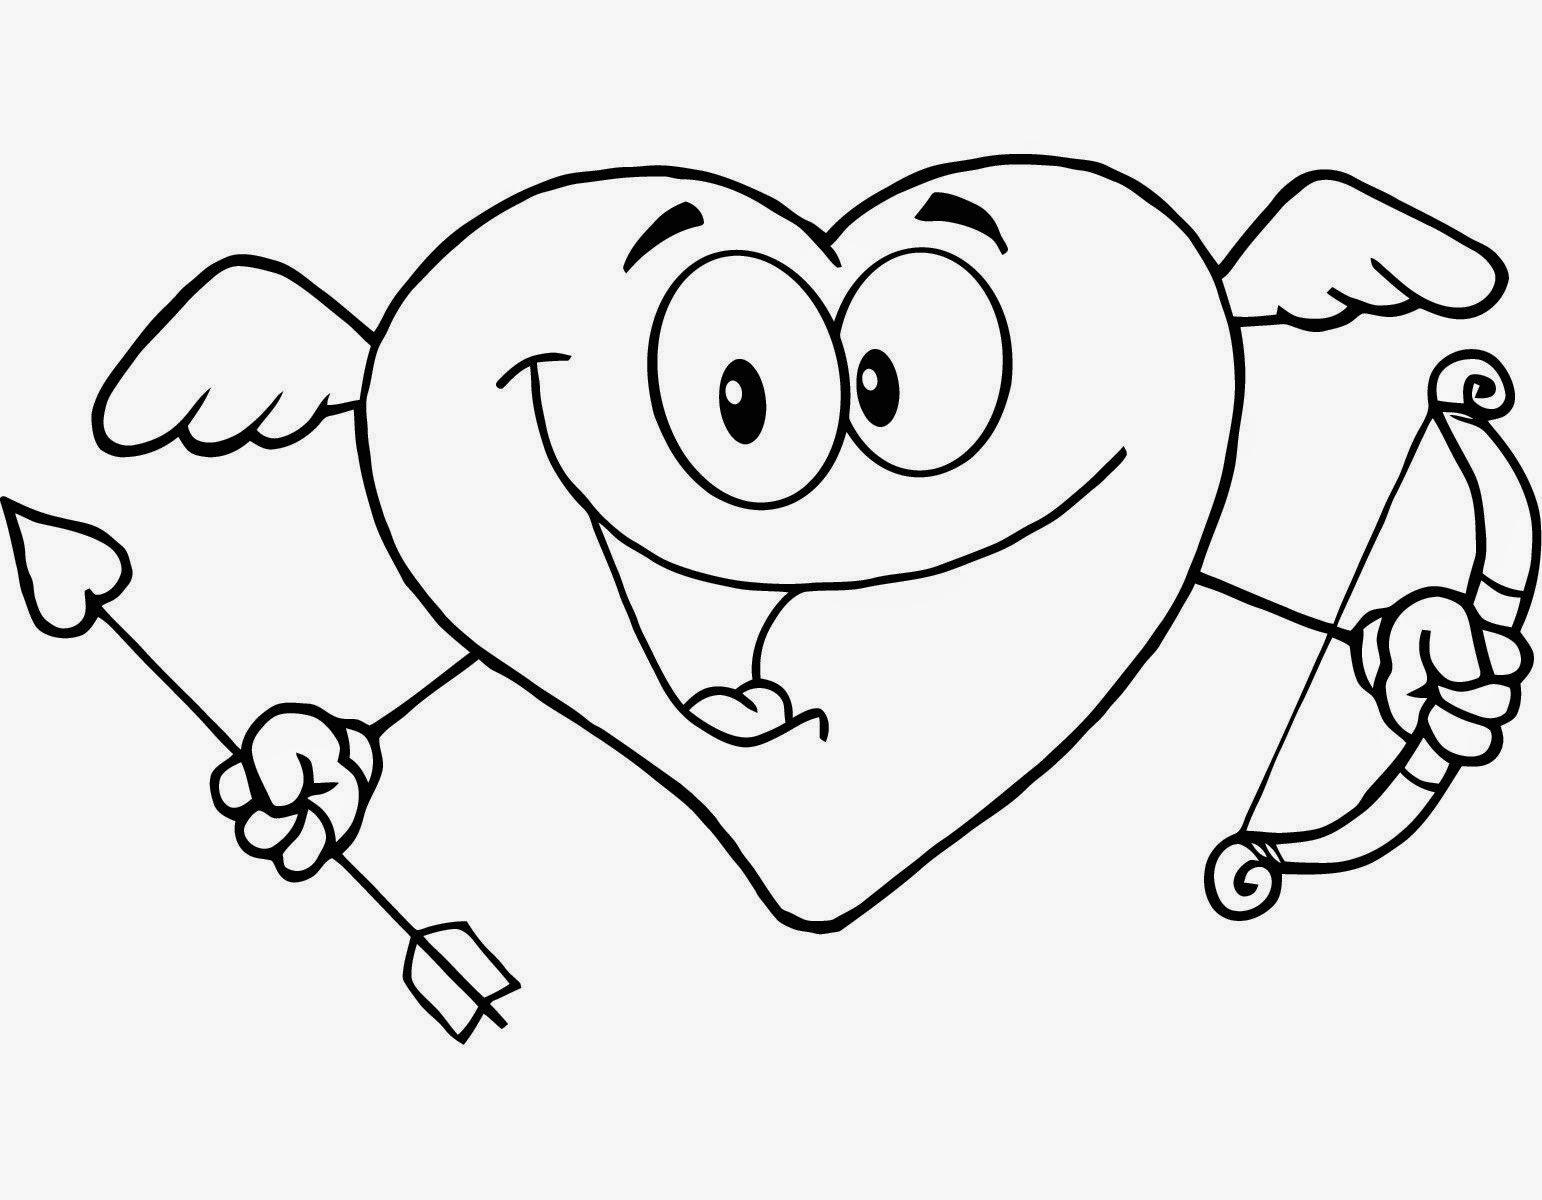 Dibujos de San Valentin para Colorear, parte 1 - IMÁGENES PARA ...